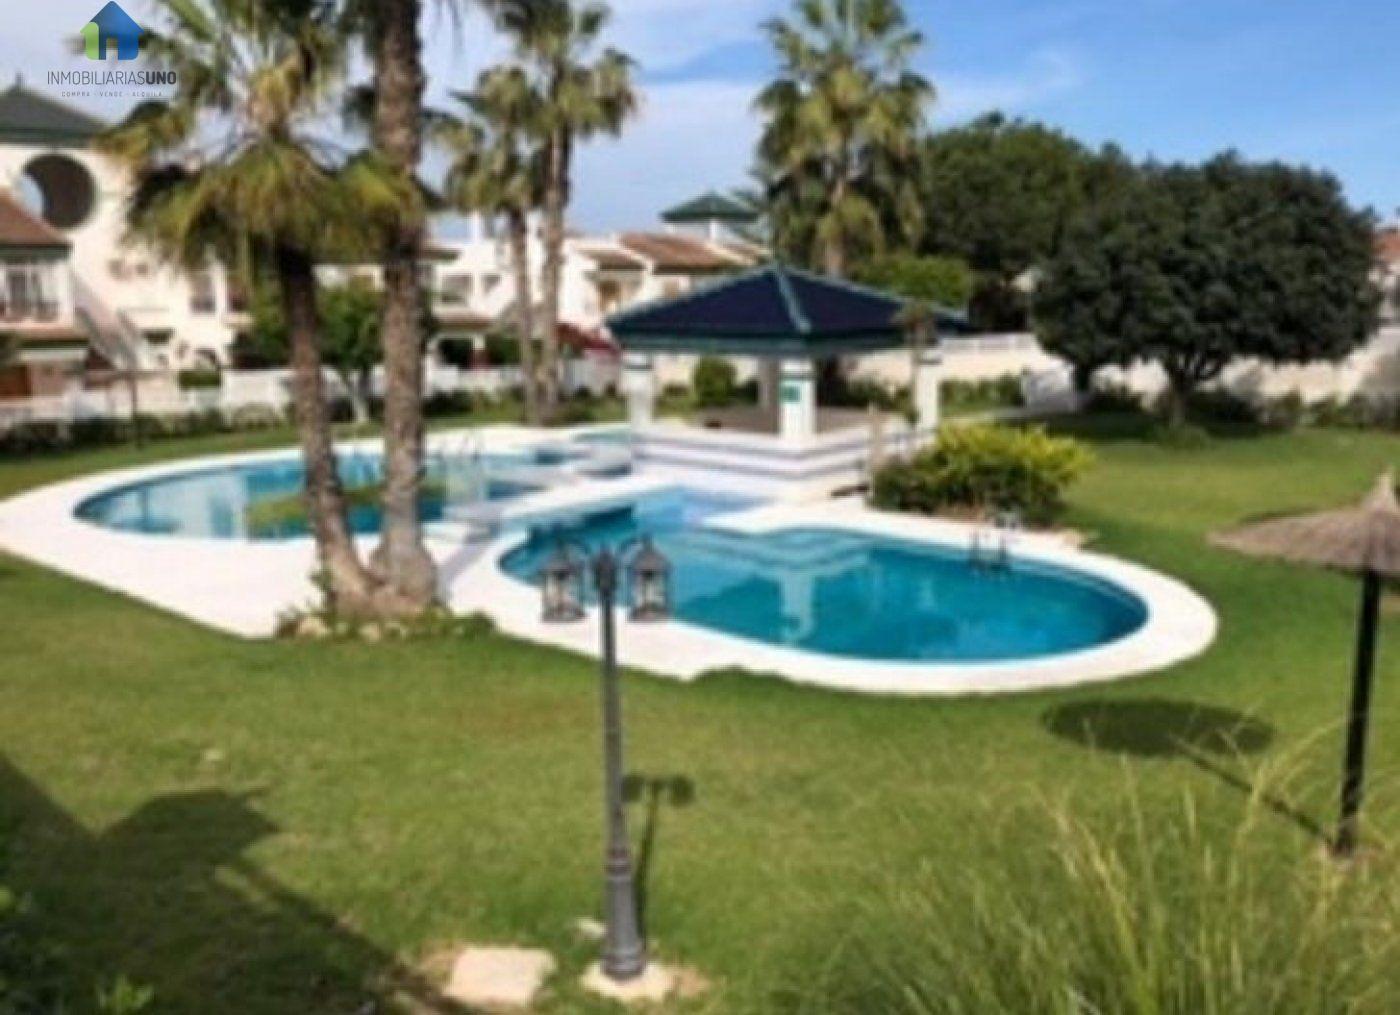 Alquiler Casa  Orihuela costa ,mil palmeras. Bungalow planta baja con piscina comunitaria mil palmeras